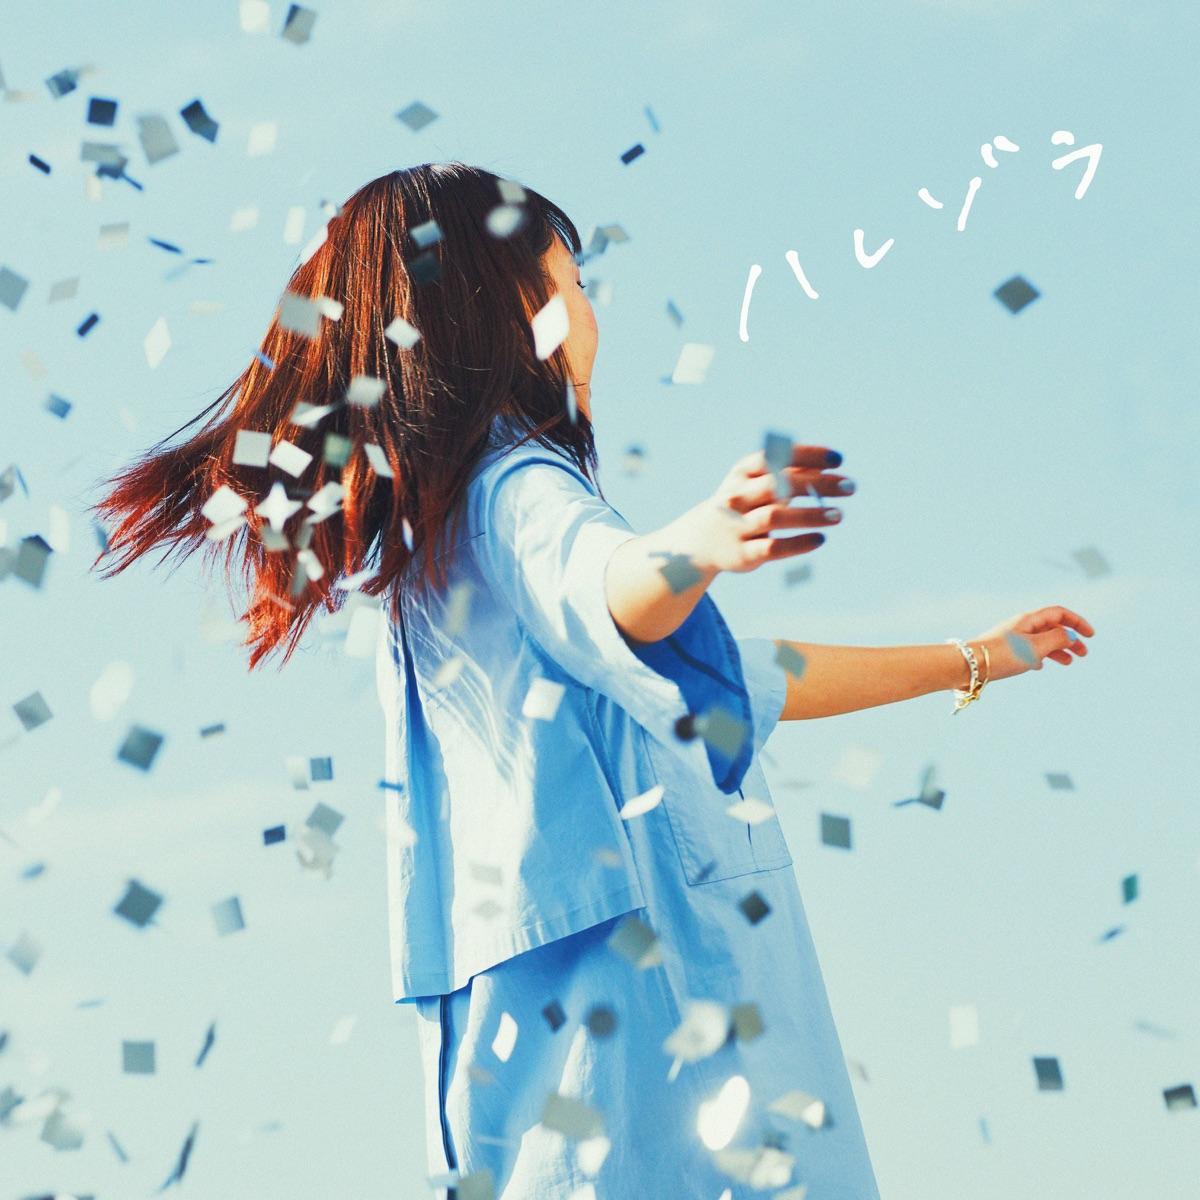 『井上苑子 - 近づく恋 歌詞』収録の『ハレゾラ』ジャケット